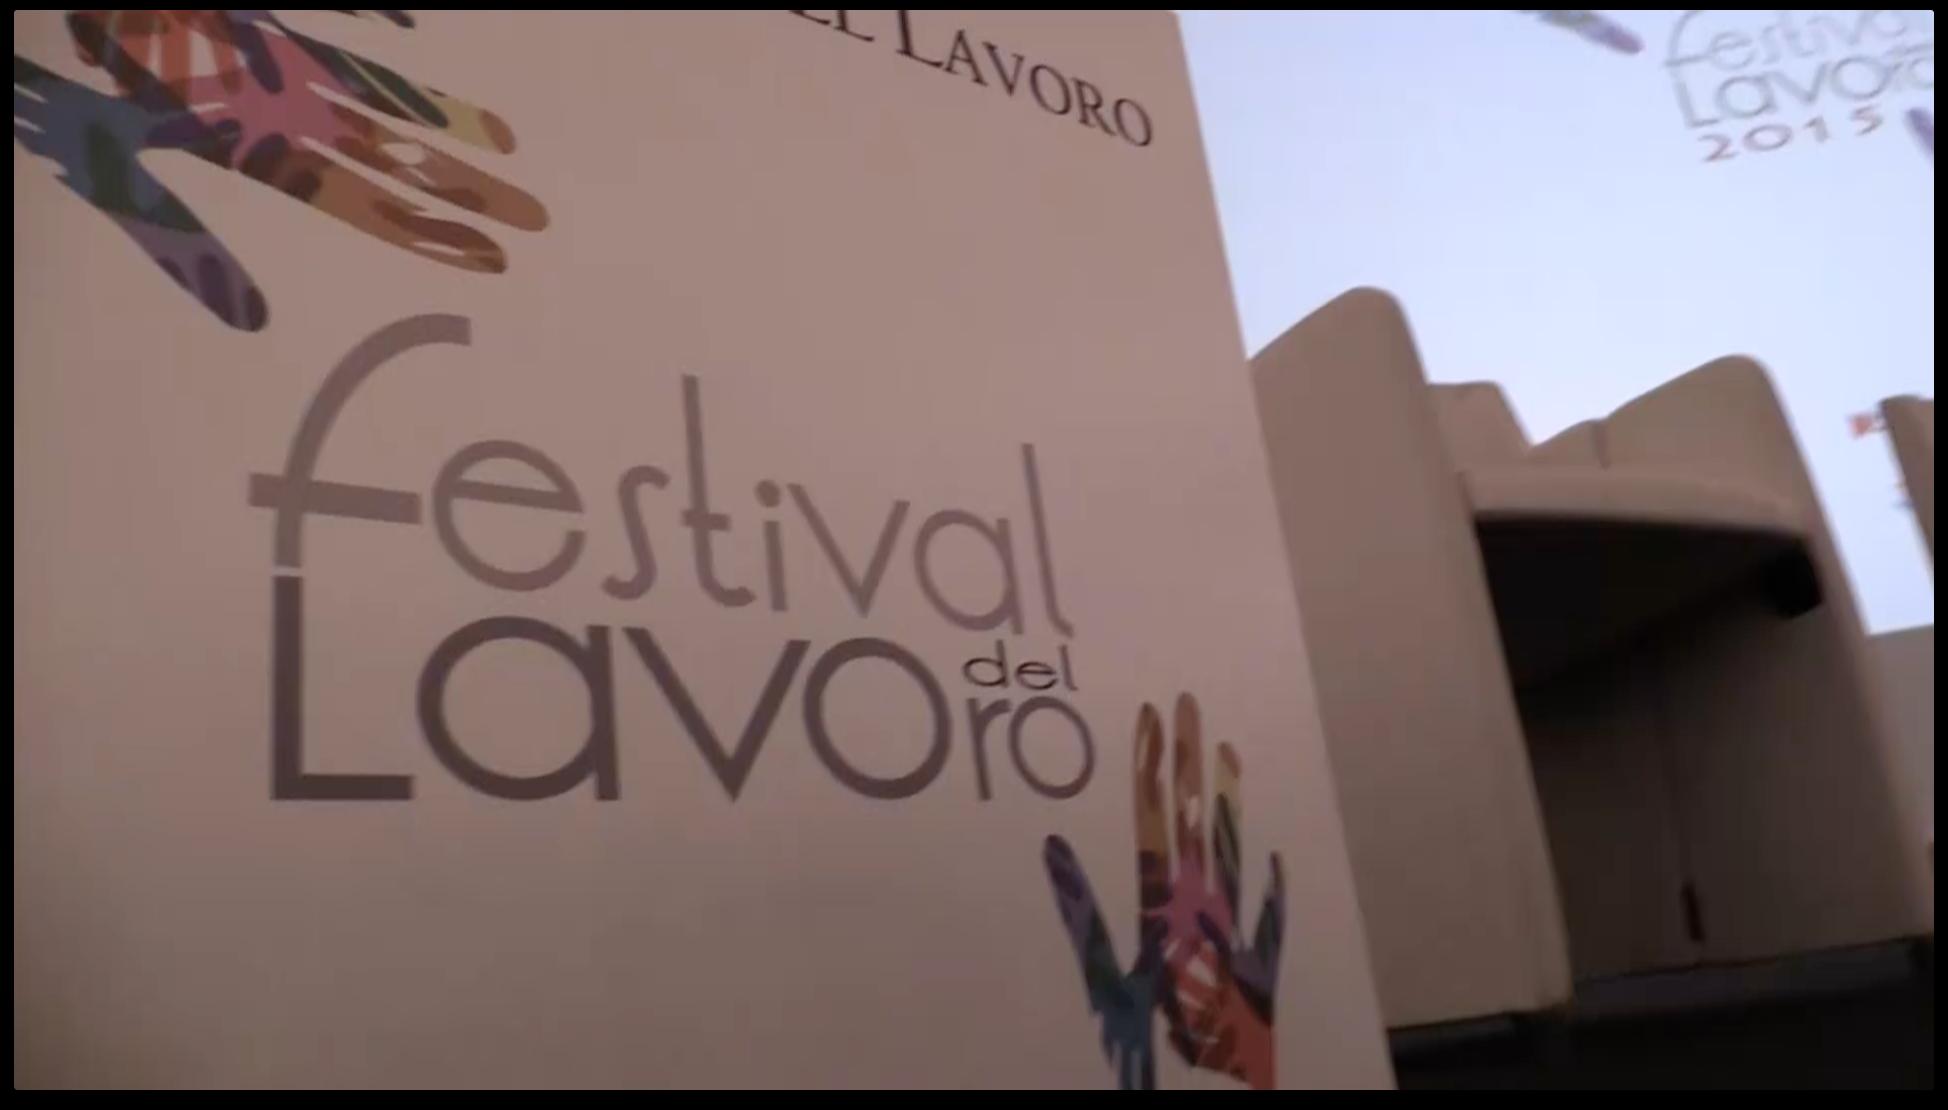 Festival del Lavoro 2015: Il Backstage